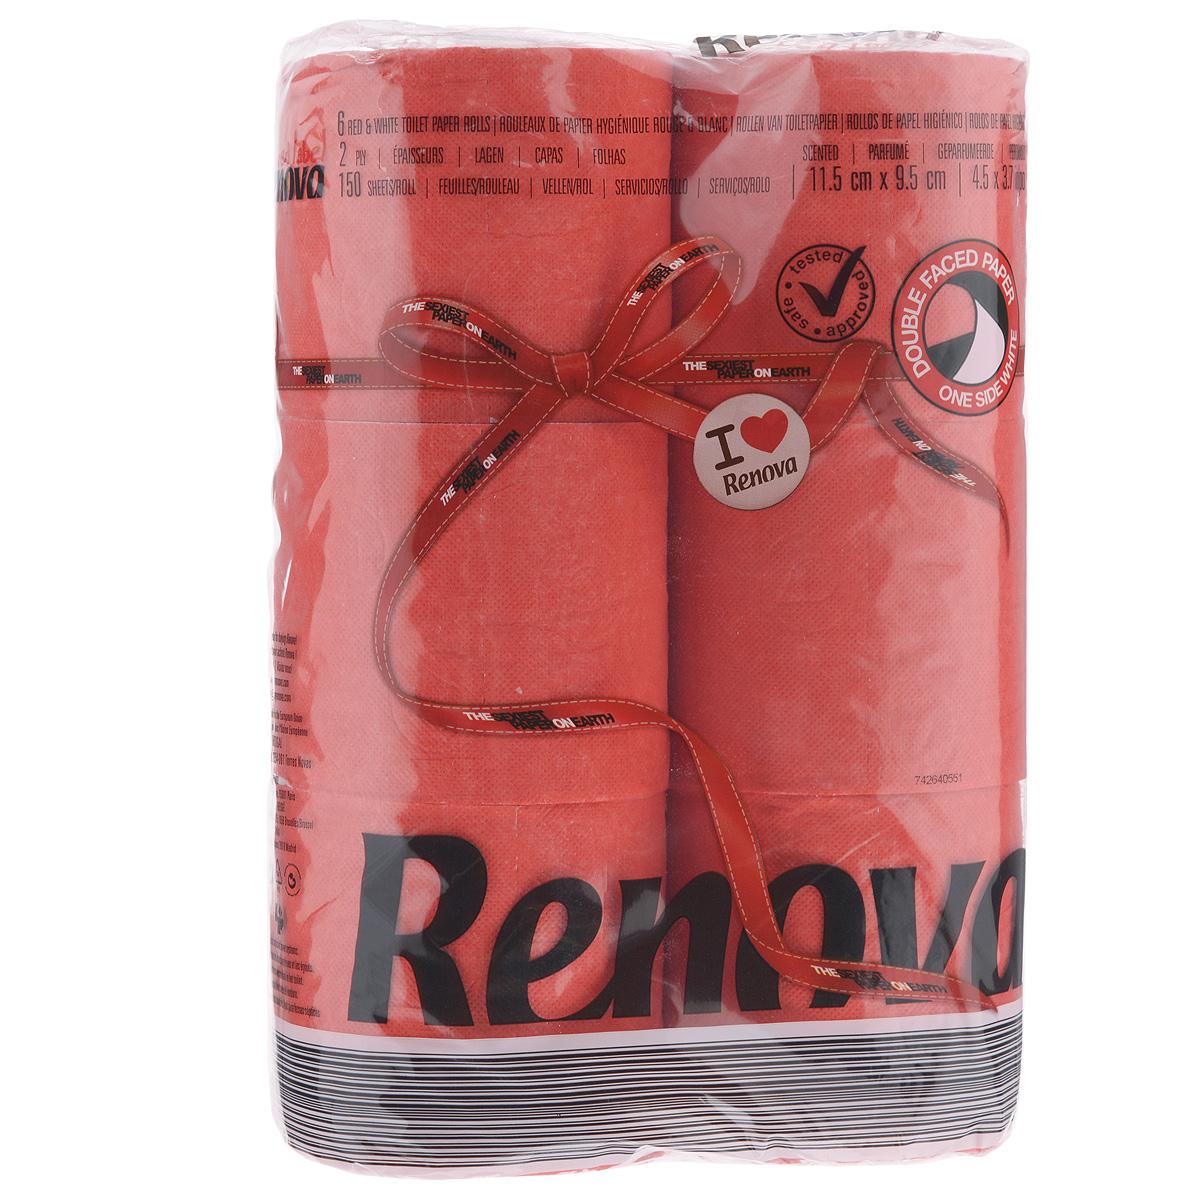 Туалетная бумага Renova, двухслойная, ароматизированная, цвет: красный, 6 рулонов391602Туалетная бумага Renova изготовлена по новейшей технологии из 100% ароматизированной целлюлозы, благодаря чему она имеет тонкий аромат, очень мягкая, нежная, но в тоже время прочная. Эксклюзивная двухсторонняя туалетная бумага Renova  экстрамодного цвета, придаст вашему туалету оригинальность.Состав: 100% ароматизированная целлюлоза. Количество листов: 150 шт.Количество слоев: 2.Размер листа: 11,5 см х 9,5 см.Количество рулонов: 6 шт.Португальская компания Renova является ведущим разработчиком новейших технологий производства, нового стиля и направления на рынке гигиенической продукции. Современный дизайн и высочайшее качество, дерматологический контроль - это то, что выделяет компанию Renova среди других производителей бумажной санитарно-гигиенической продукции.